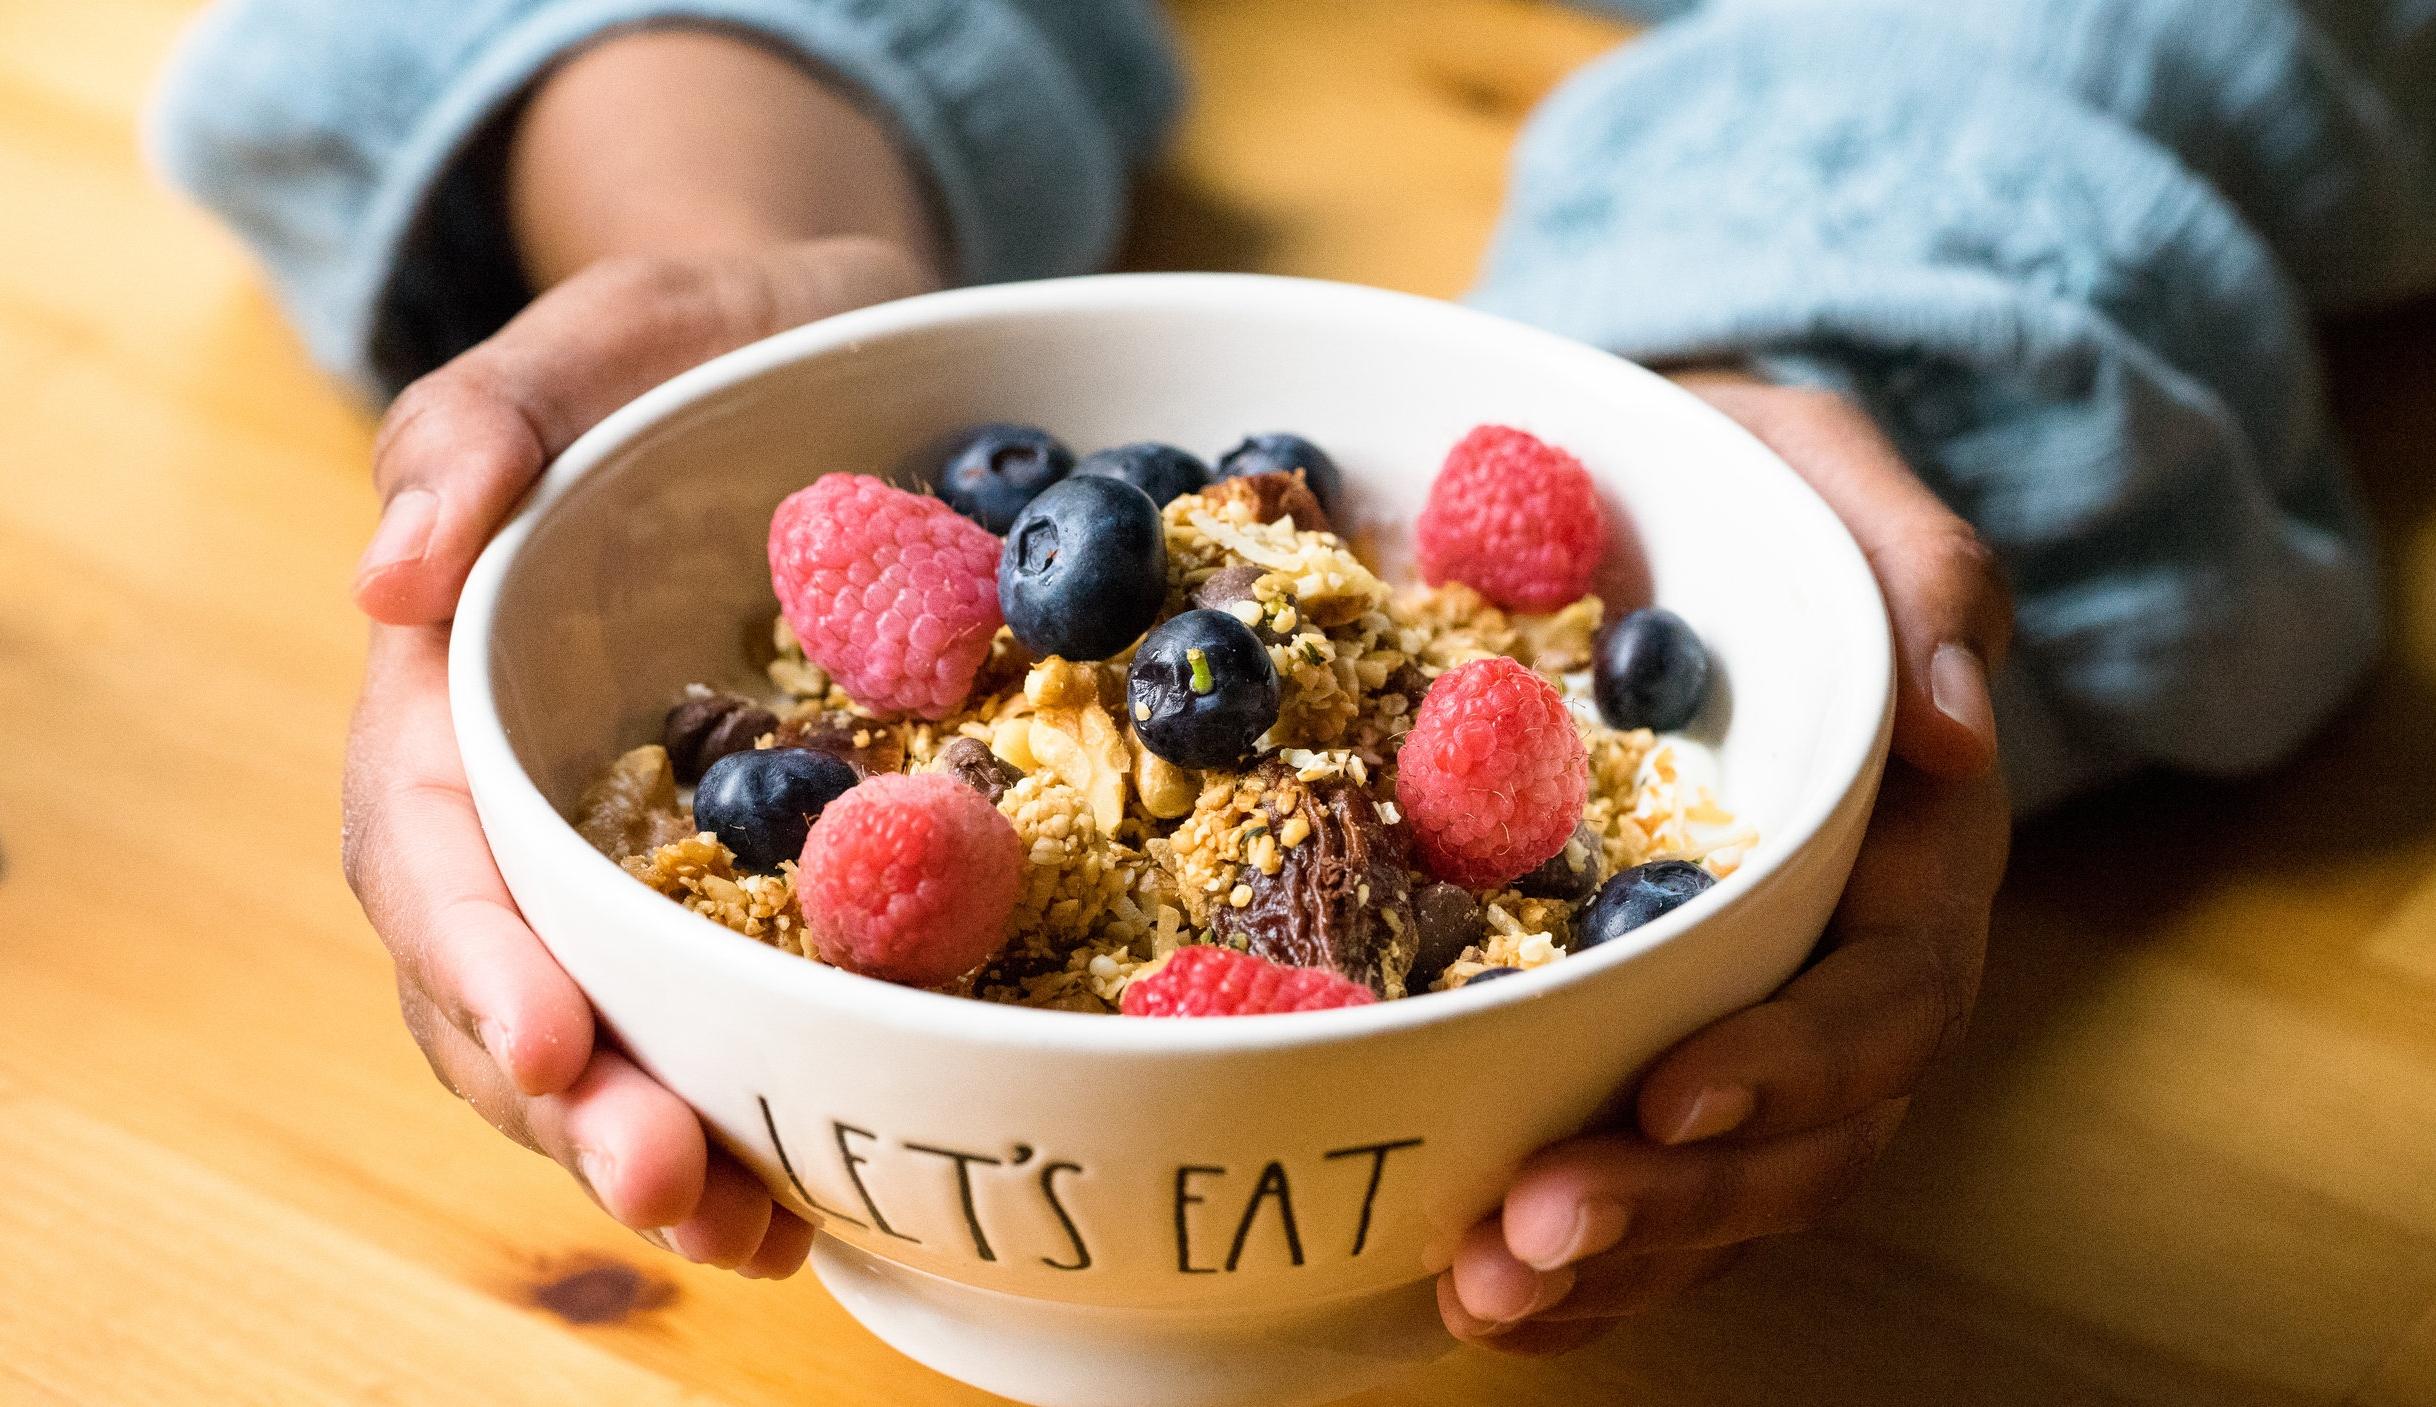 muesli-with-berries.jpg